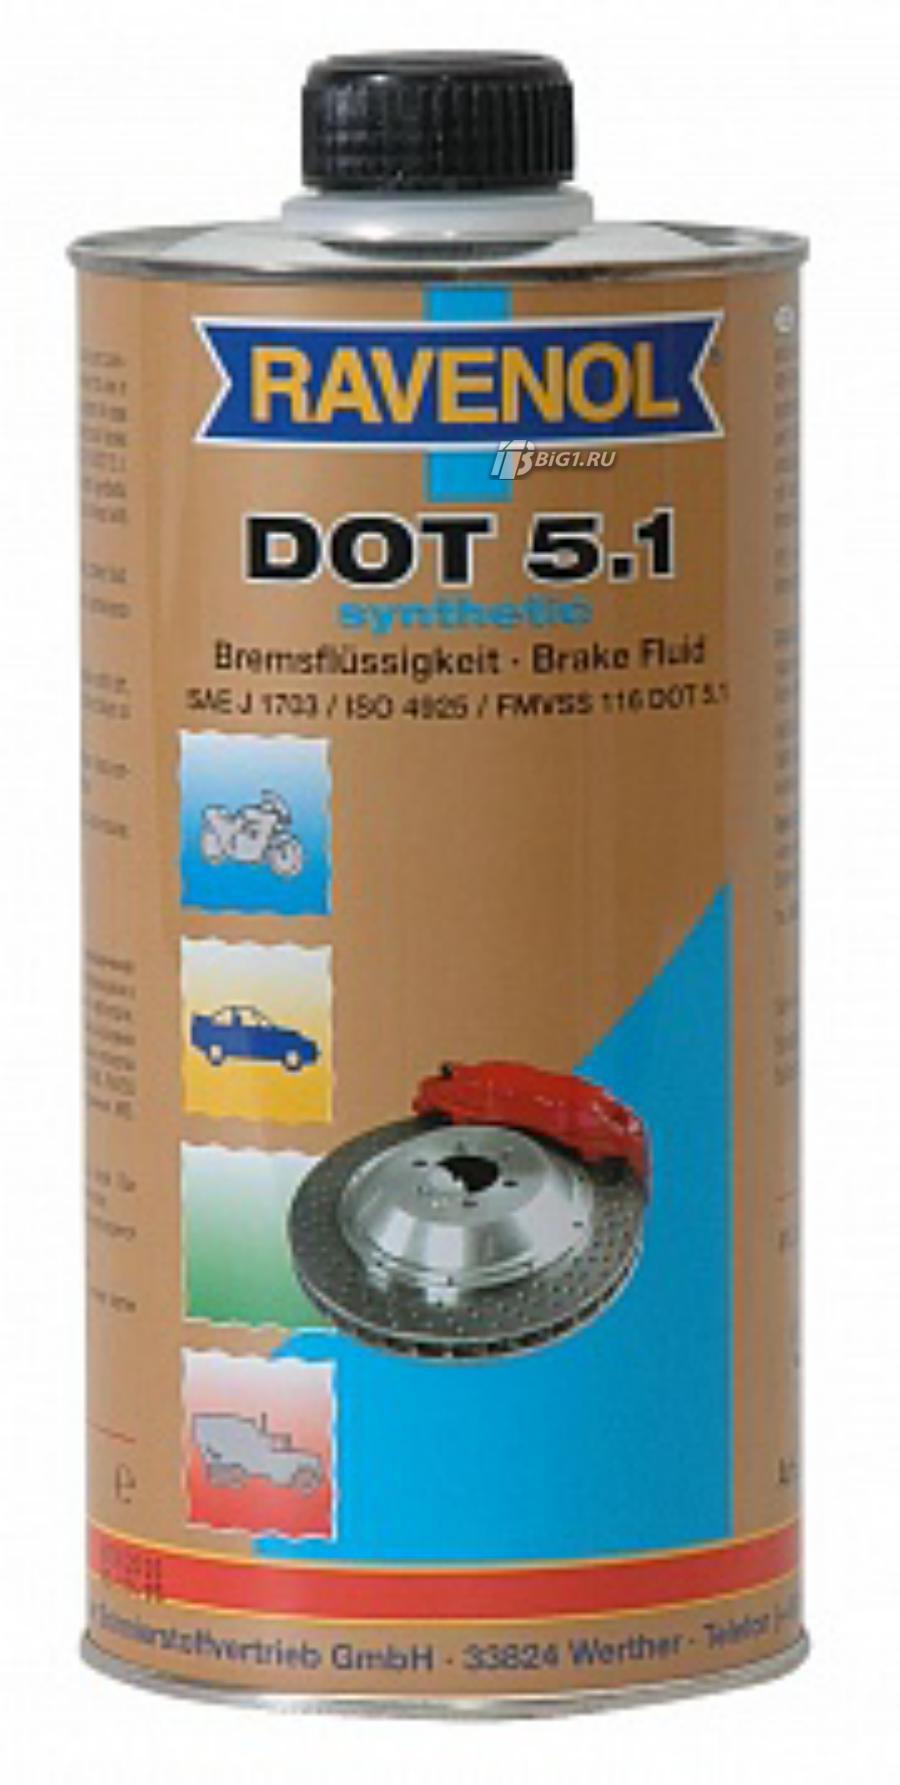 Тормозная жидкость ravenol dot-5,1 (1 л)